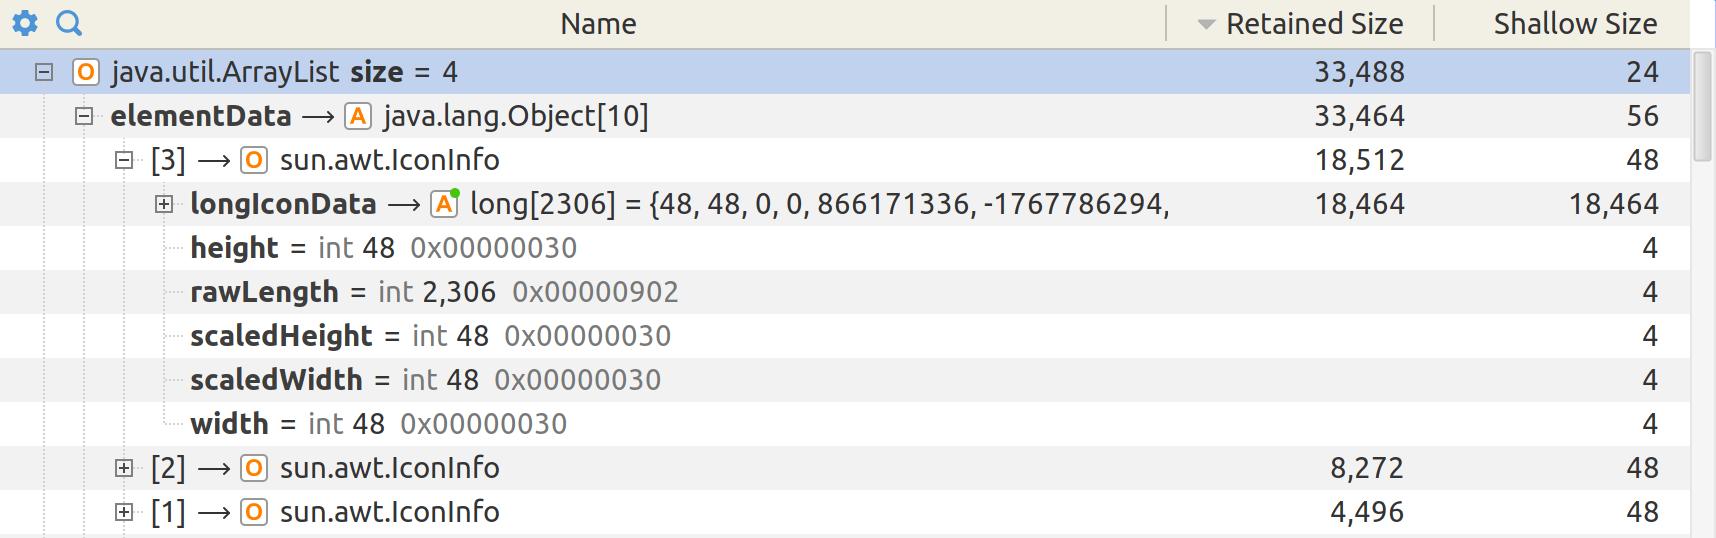 YourKit Java Profiler Help - Object explorer